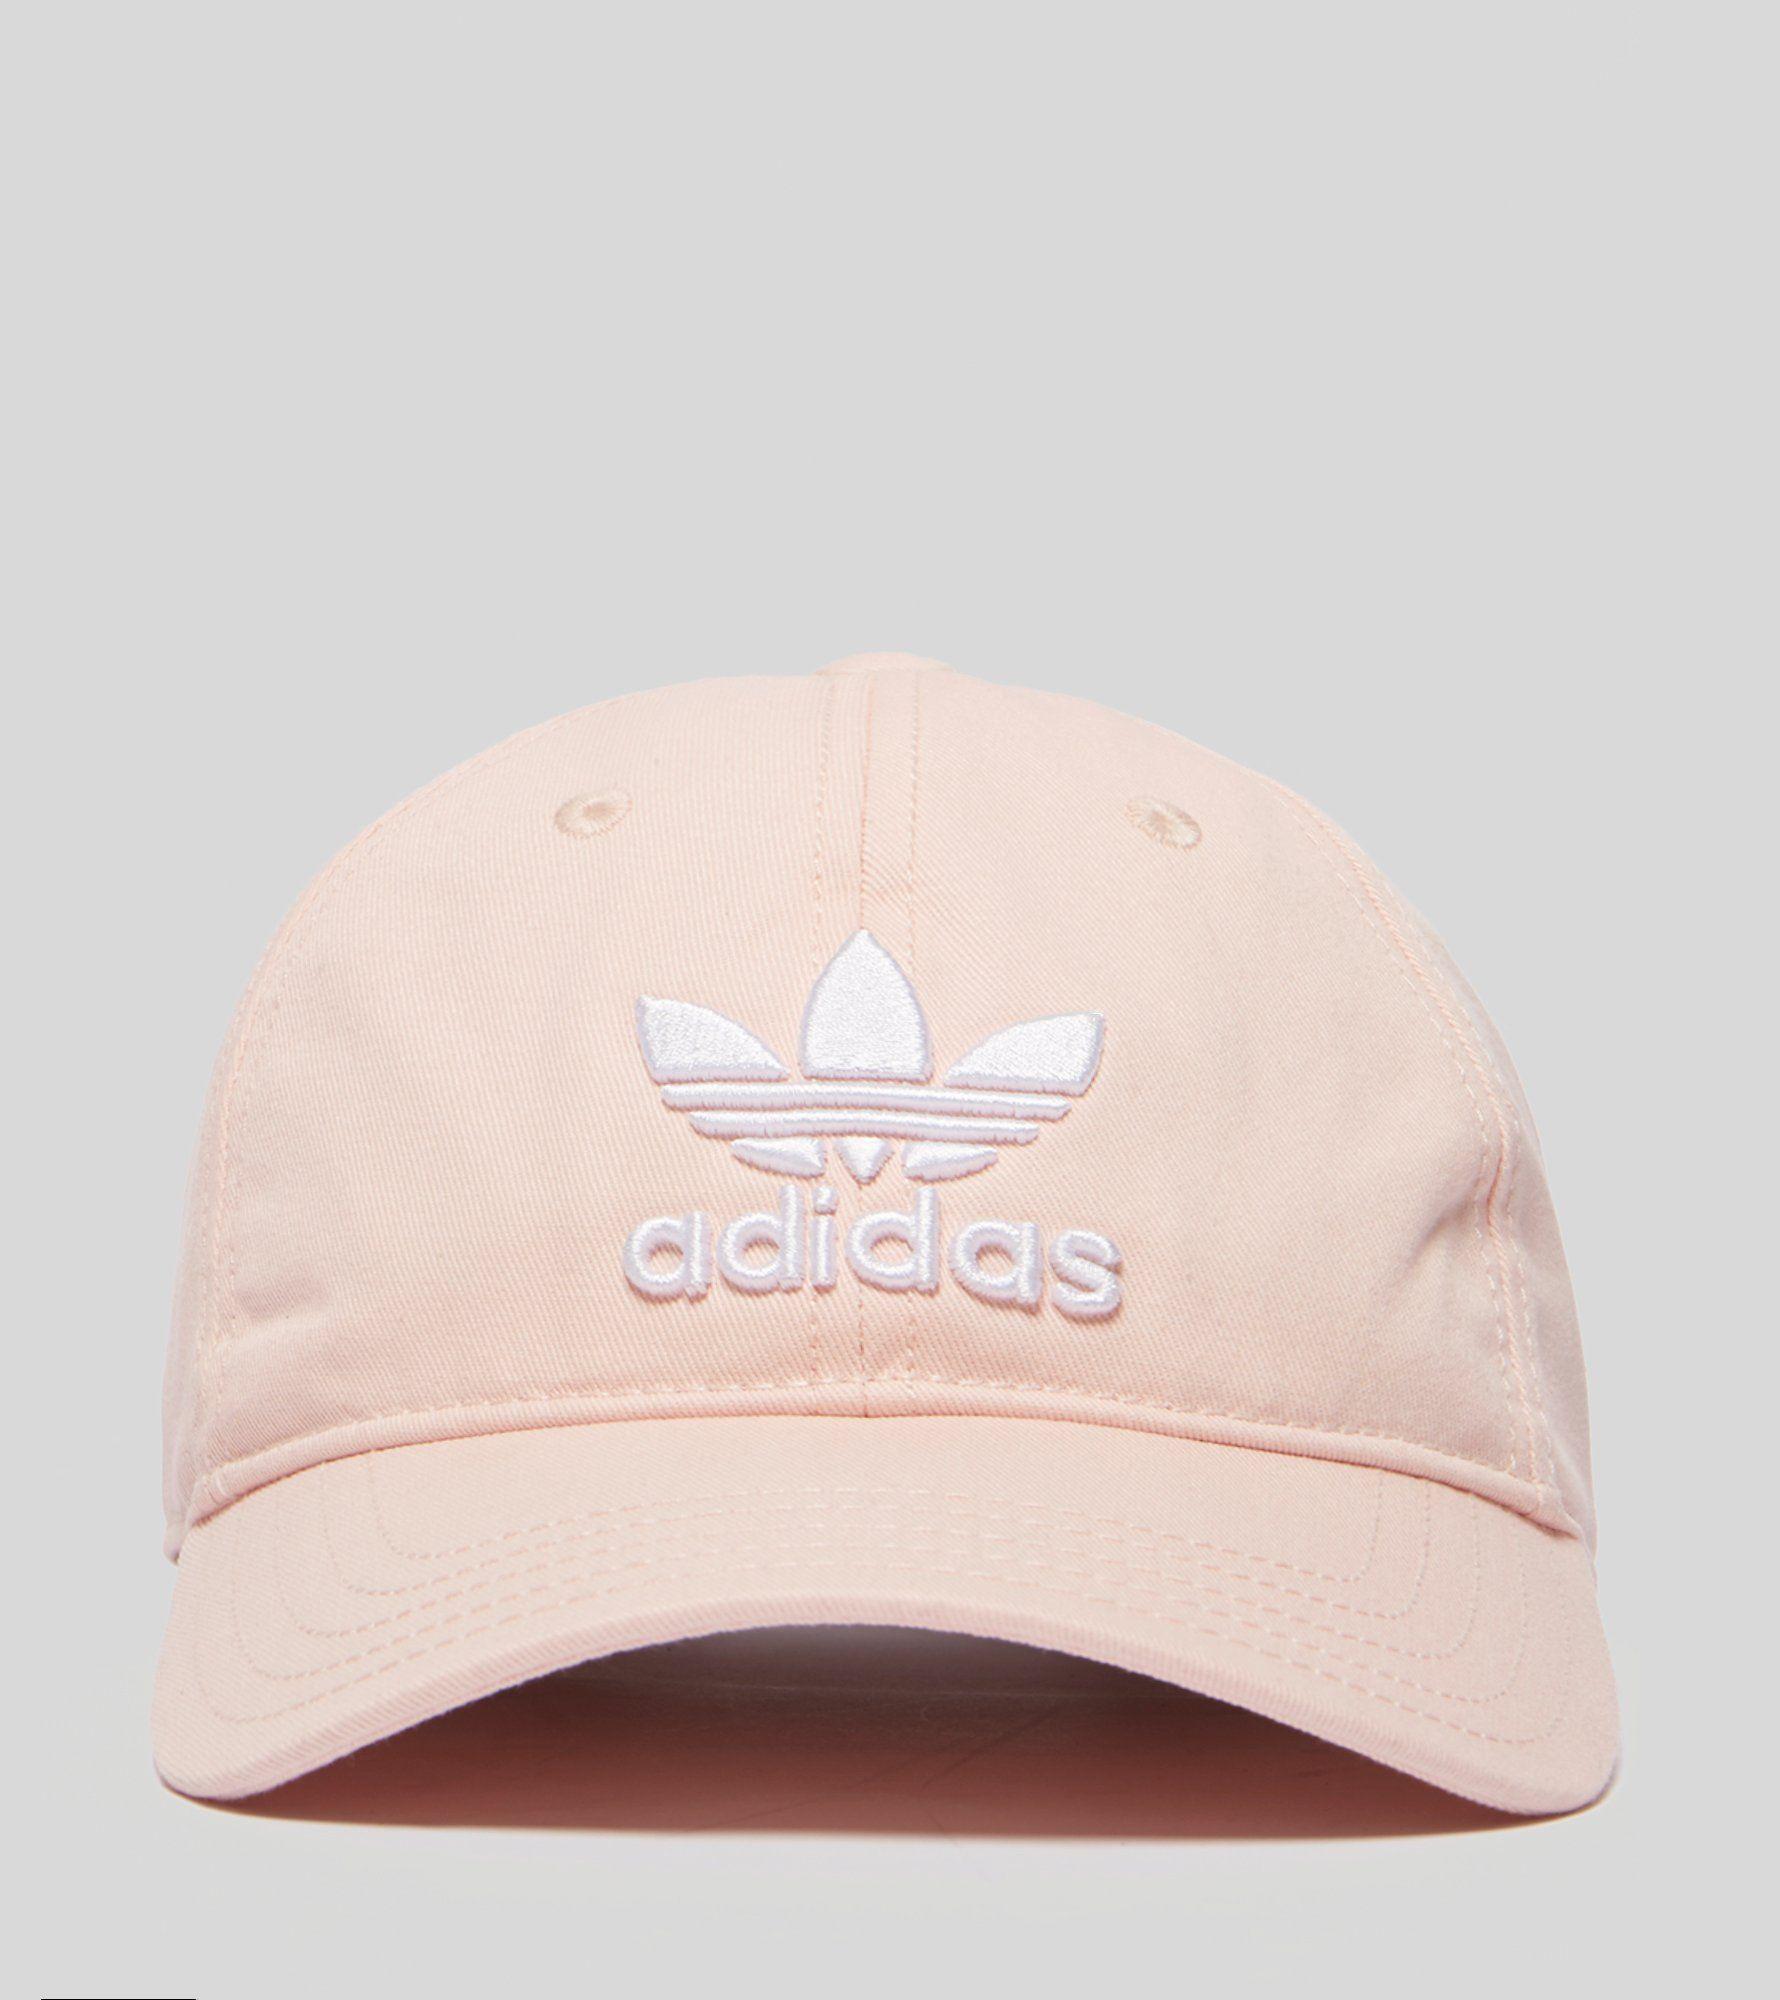 adidas Originals Trefoil Classic Cap